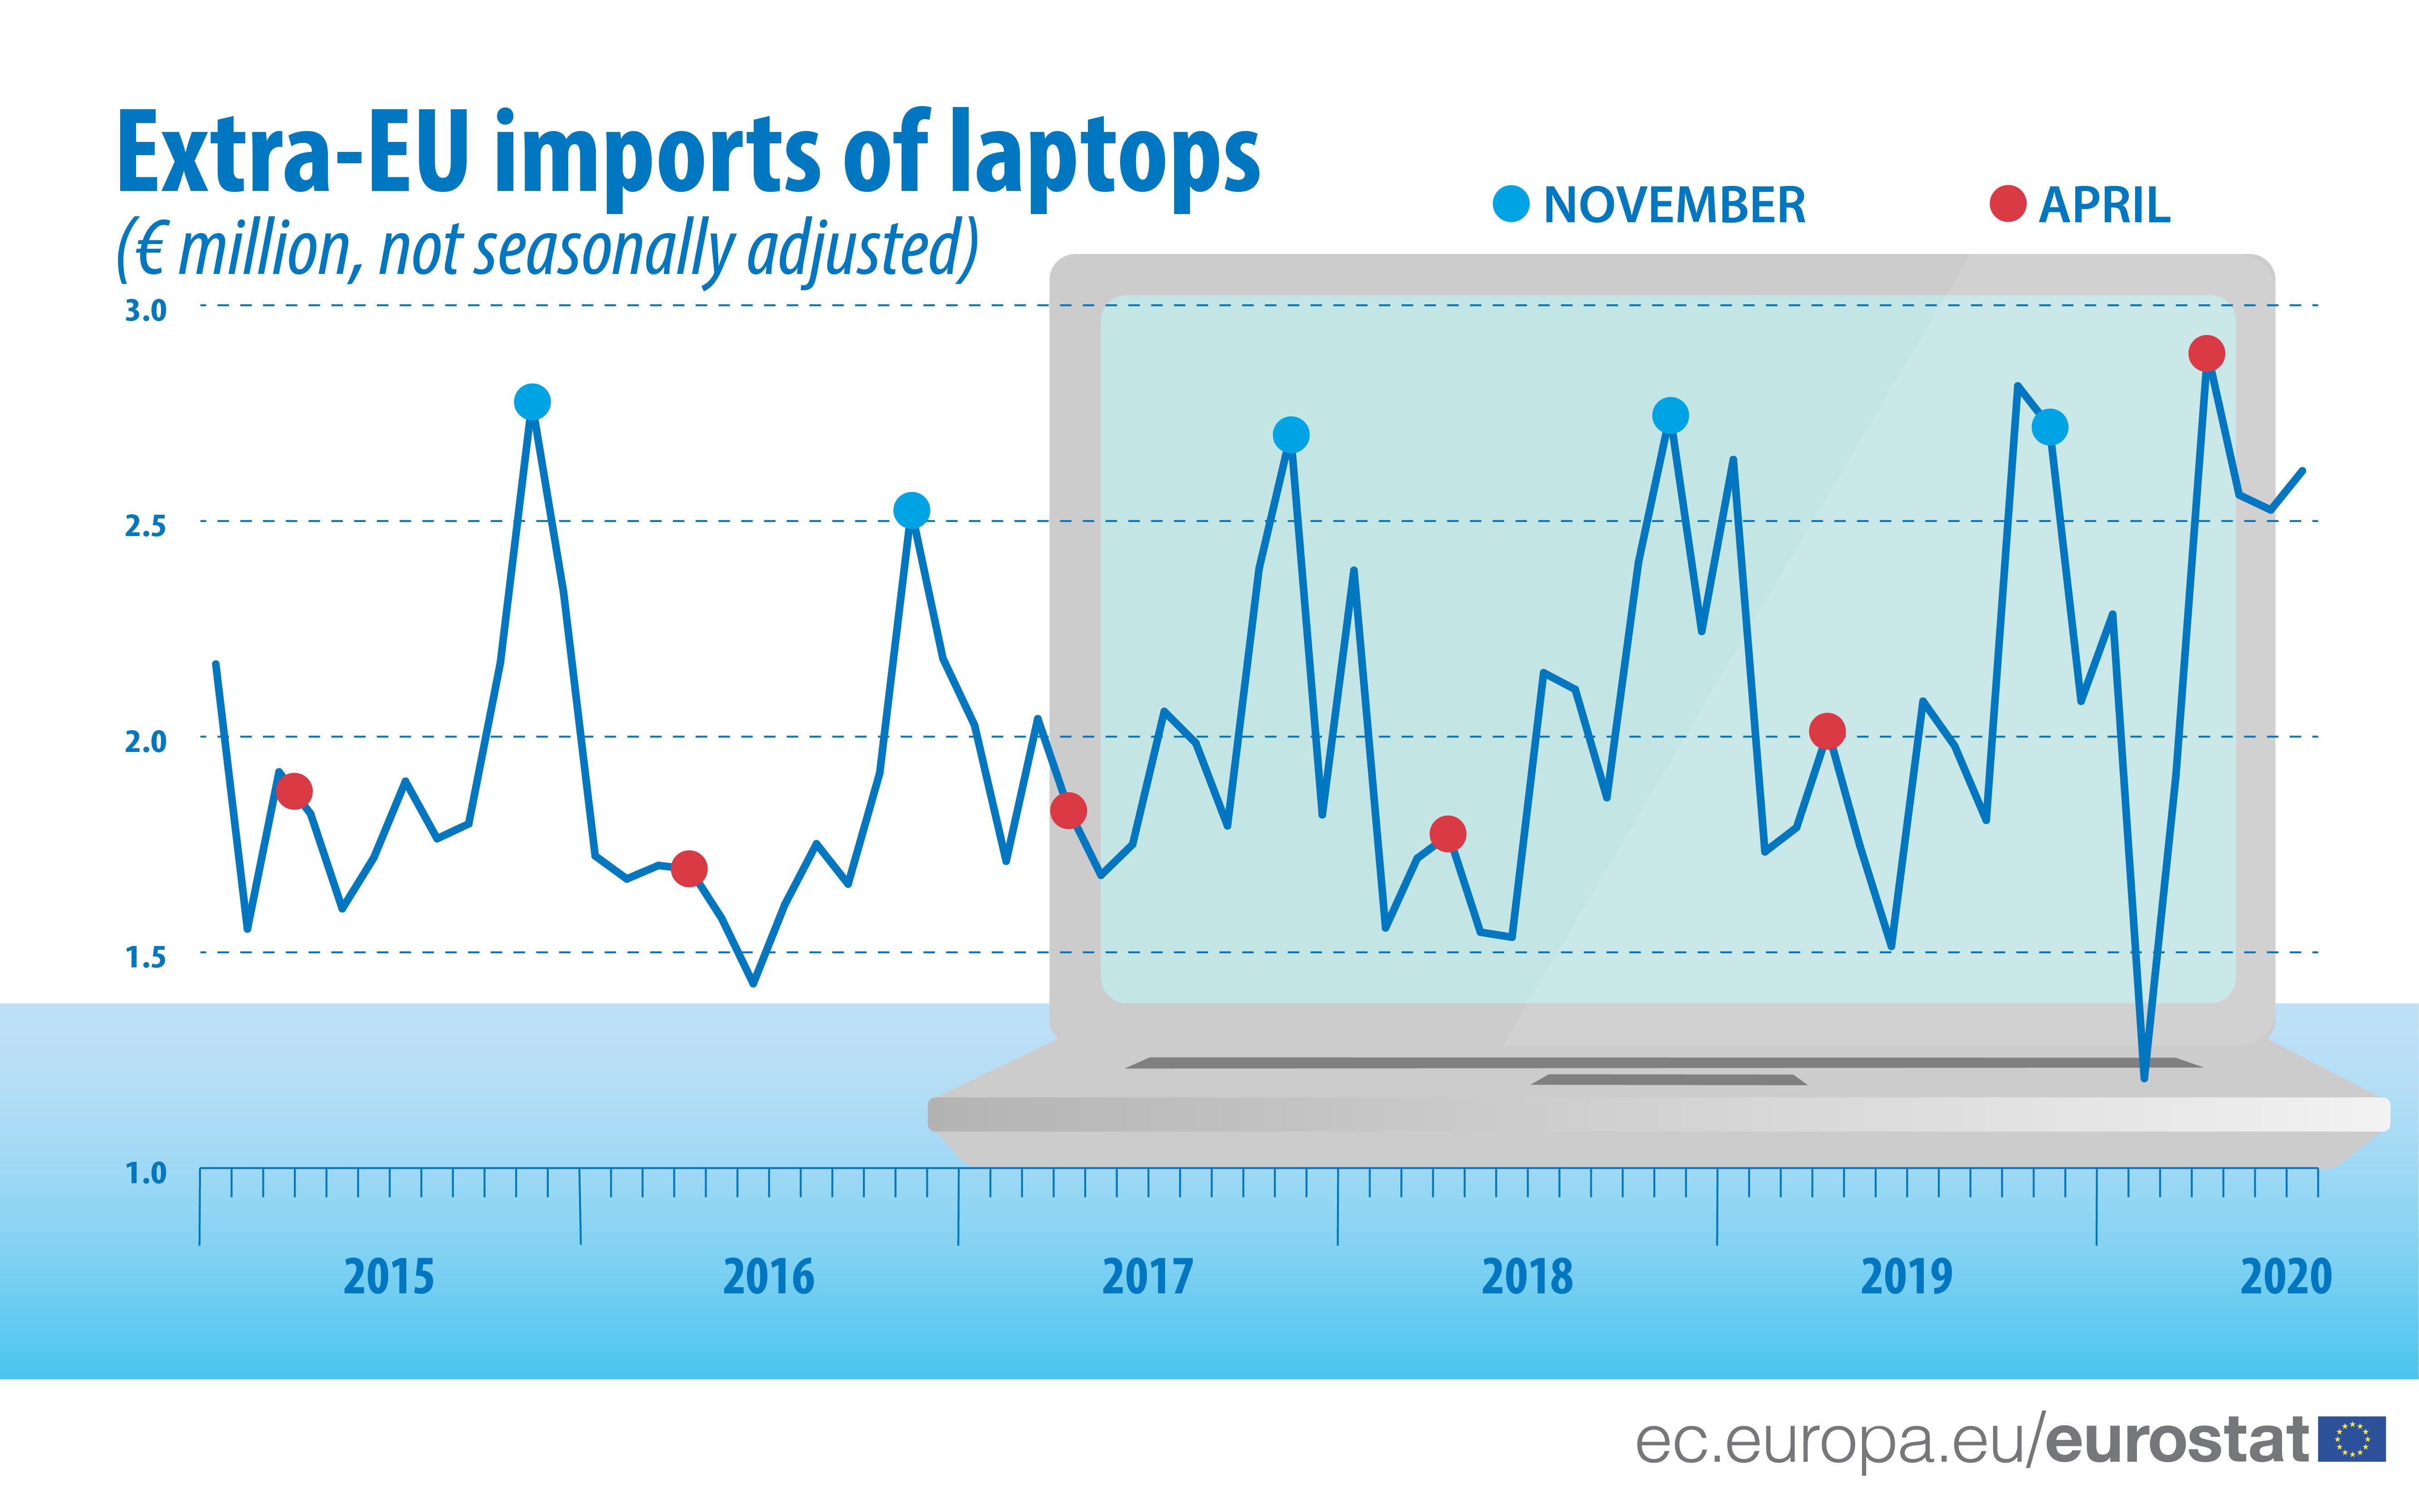 Extra-EU imports of laptops